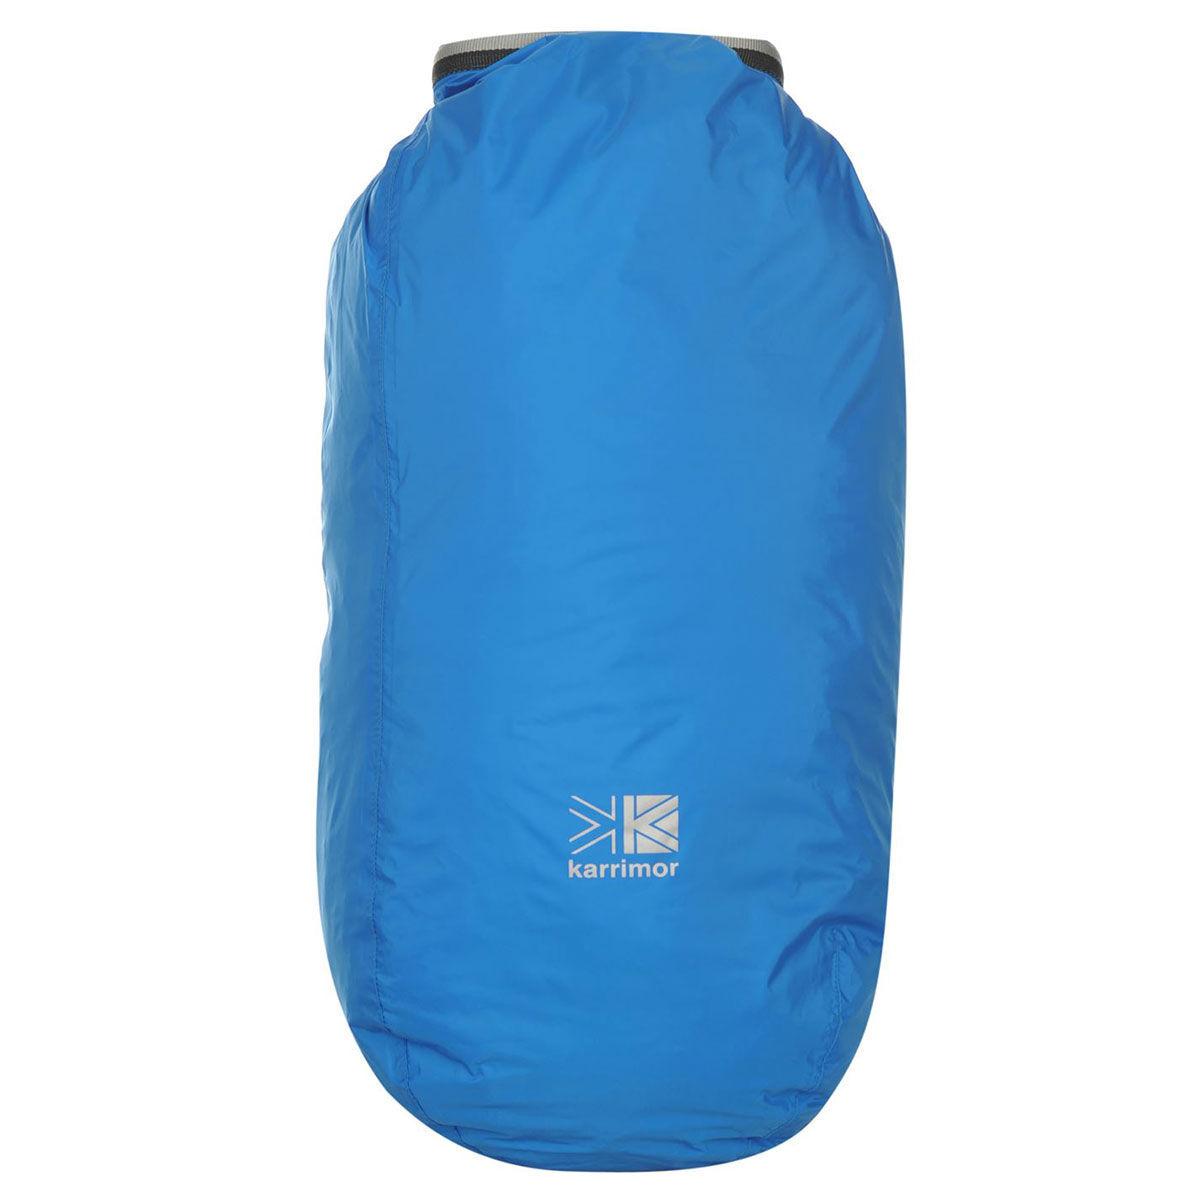 photo: Karrimor Dry Bag dry bag